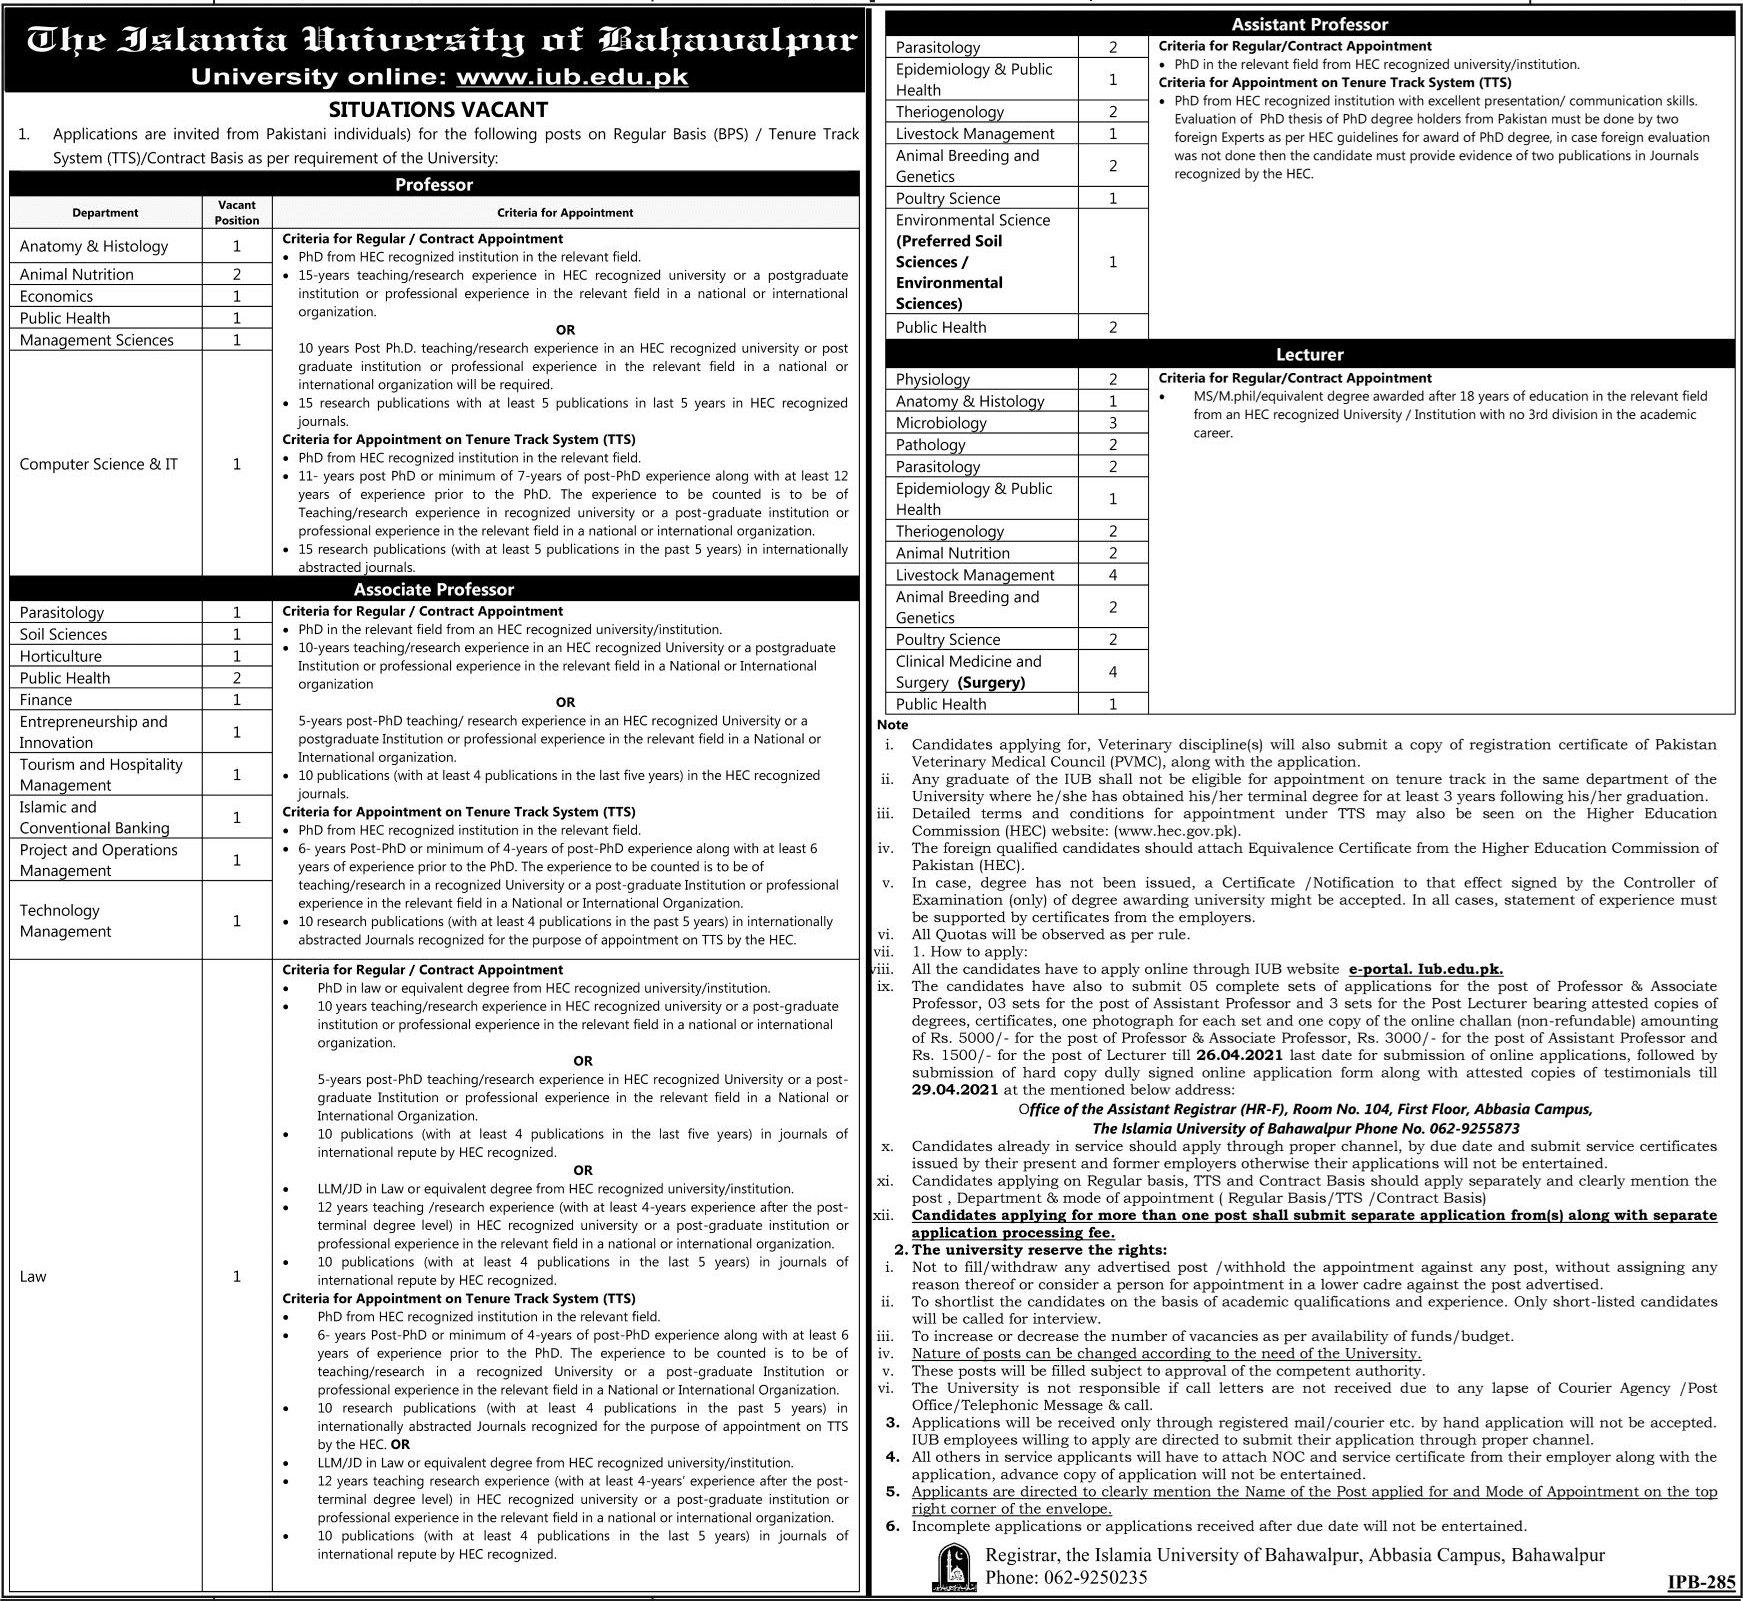 The Islamia University of Bahawalpur Faculty Jobs 2021The Islamia University of Bahawalpur Faculty Jobs 2021